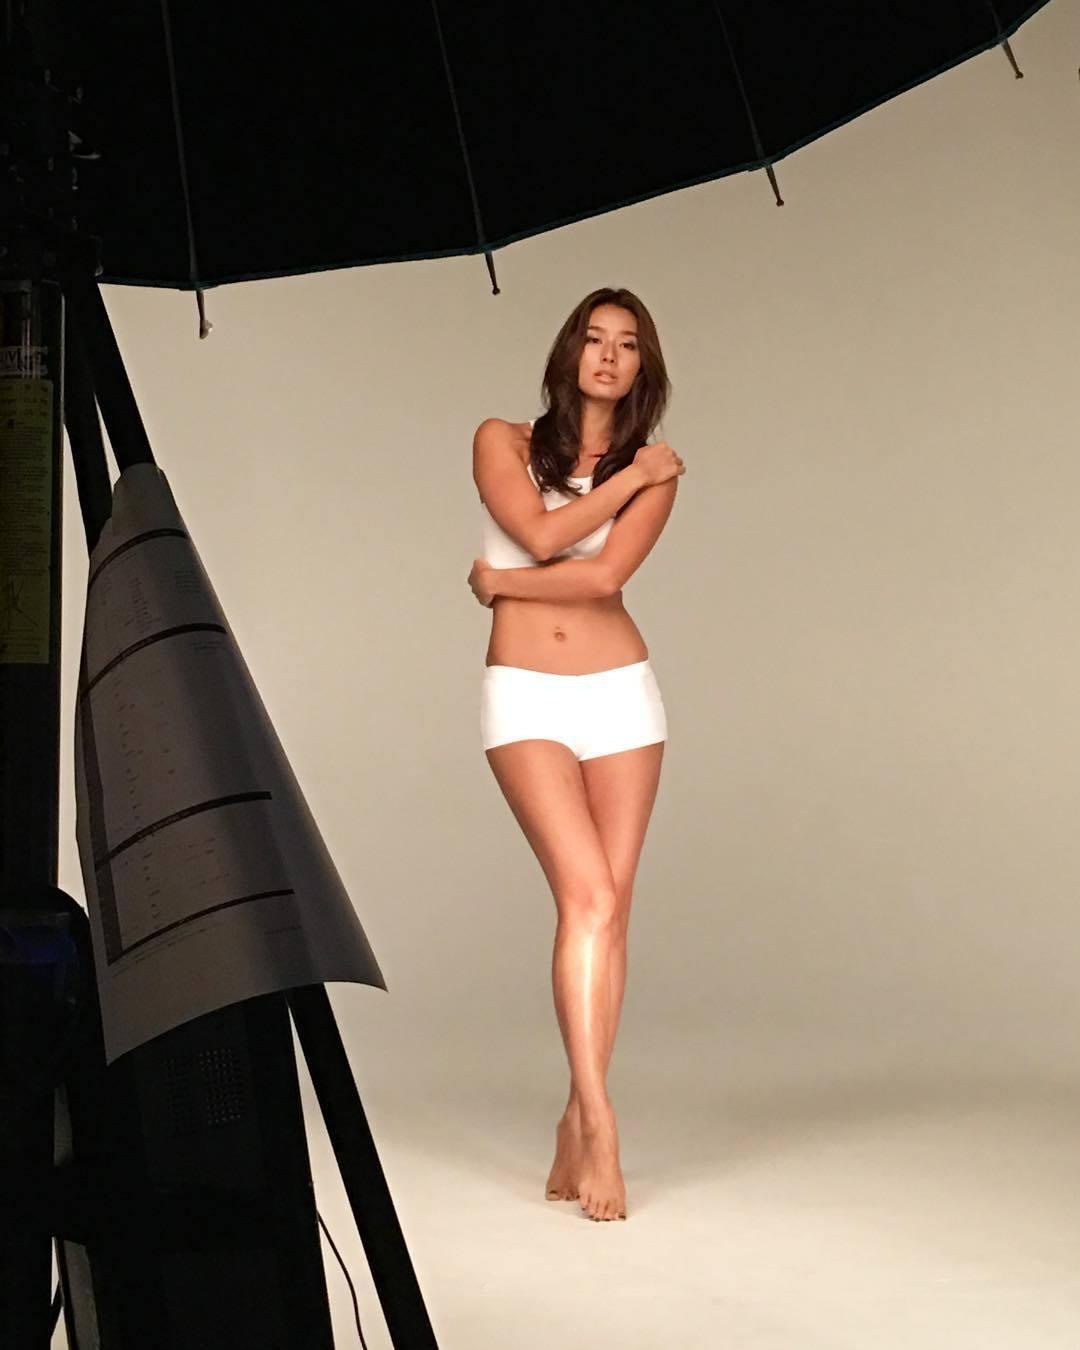 Sumire Matsubara Nude Photos 40